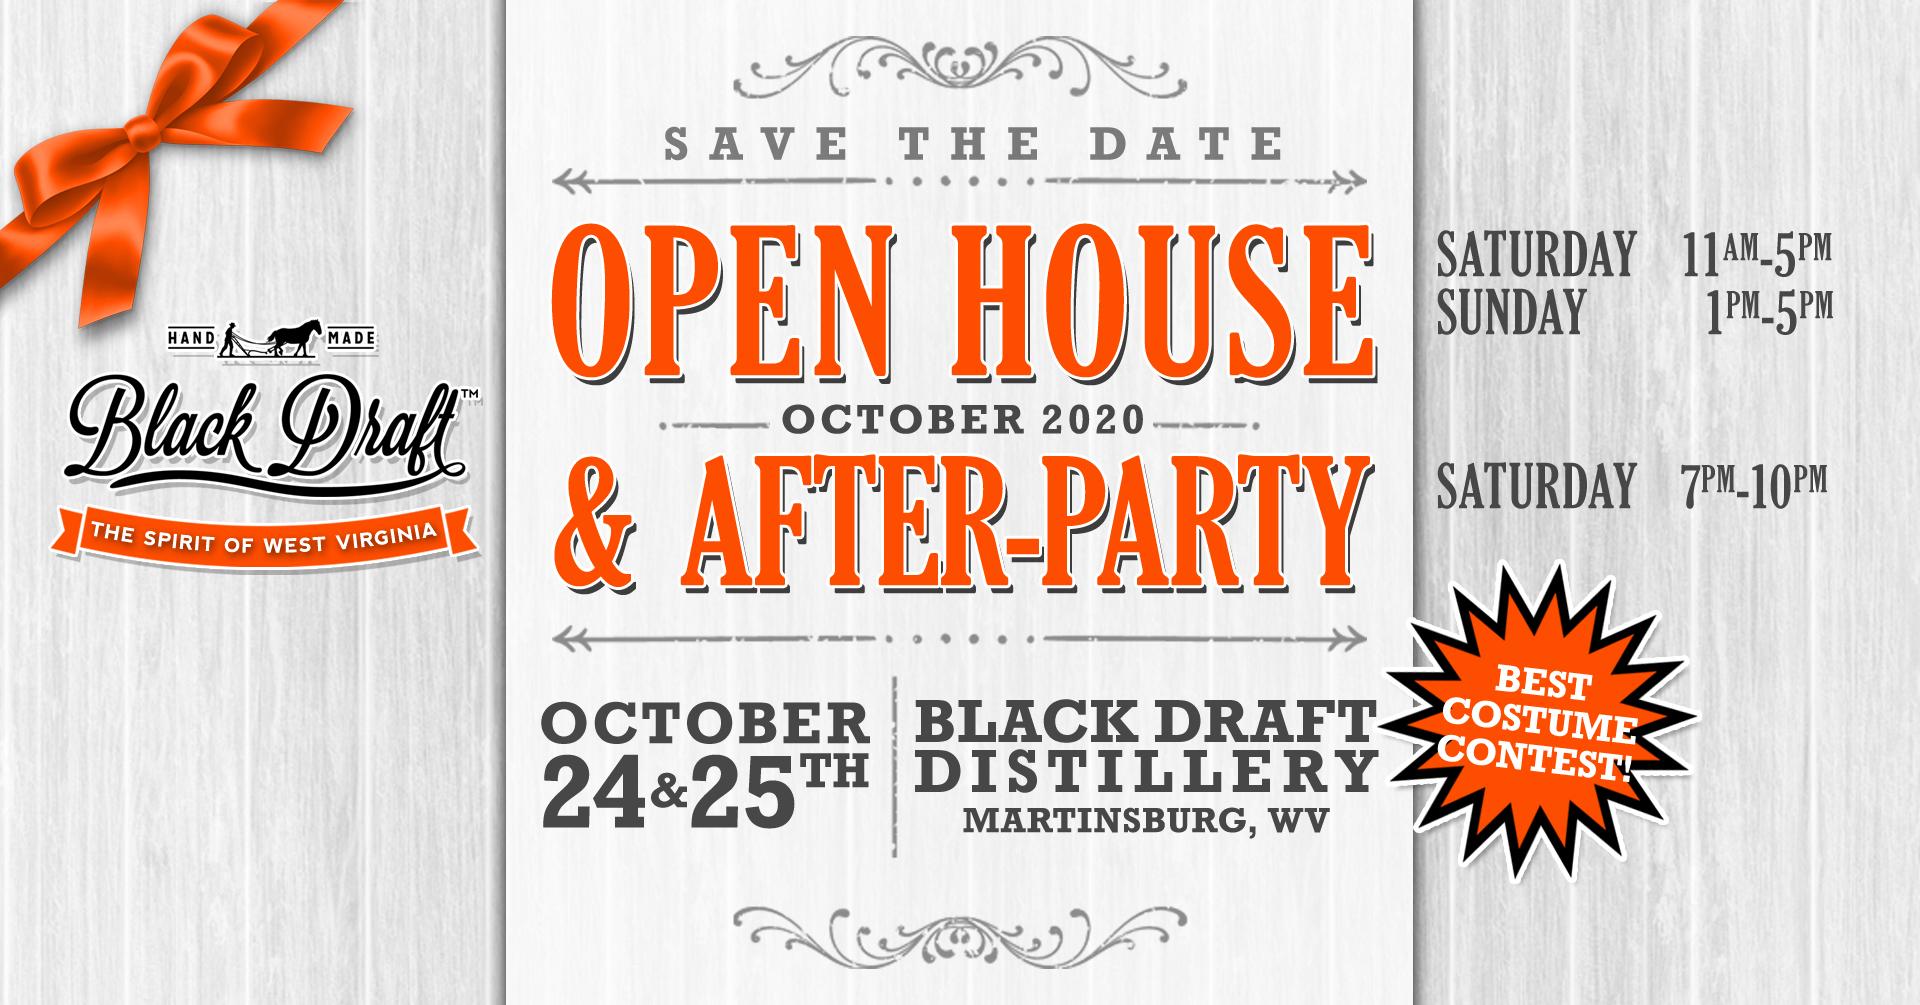 Black Draft Distillery's Autumn Open House